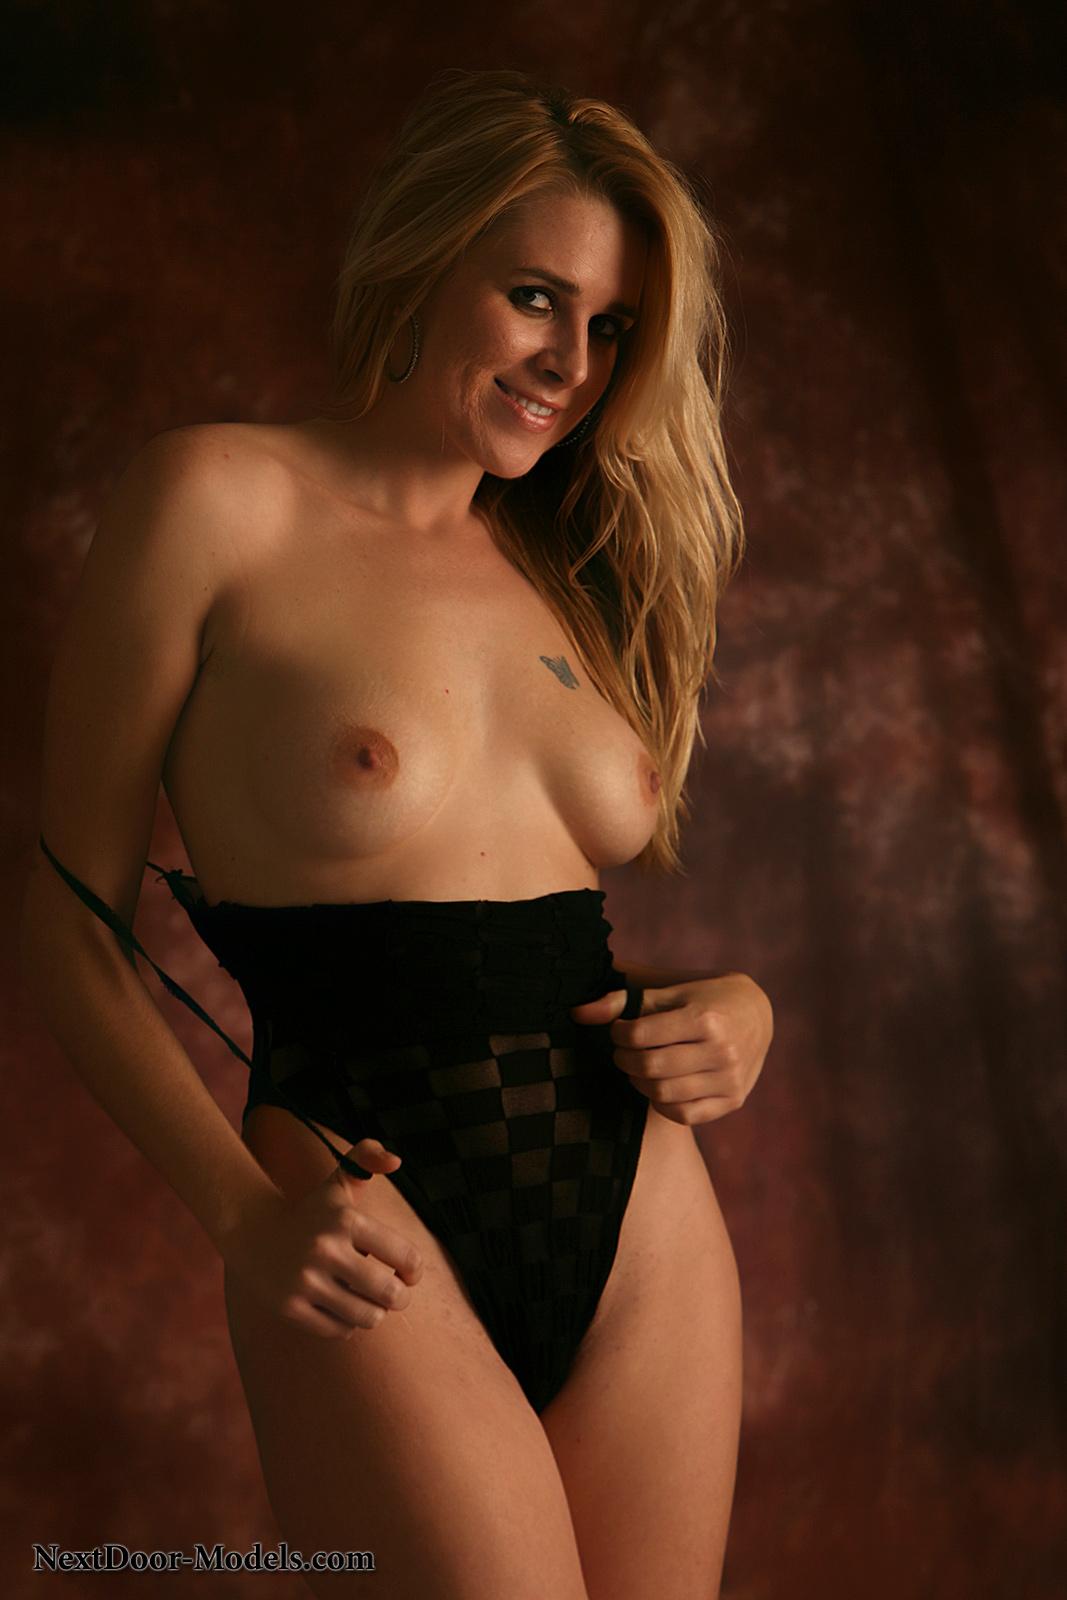 Tabu nude girl open photo